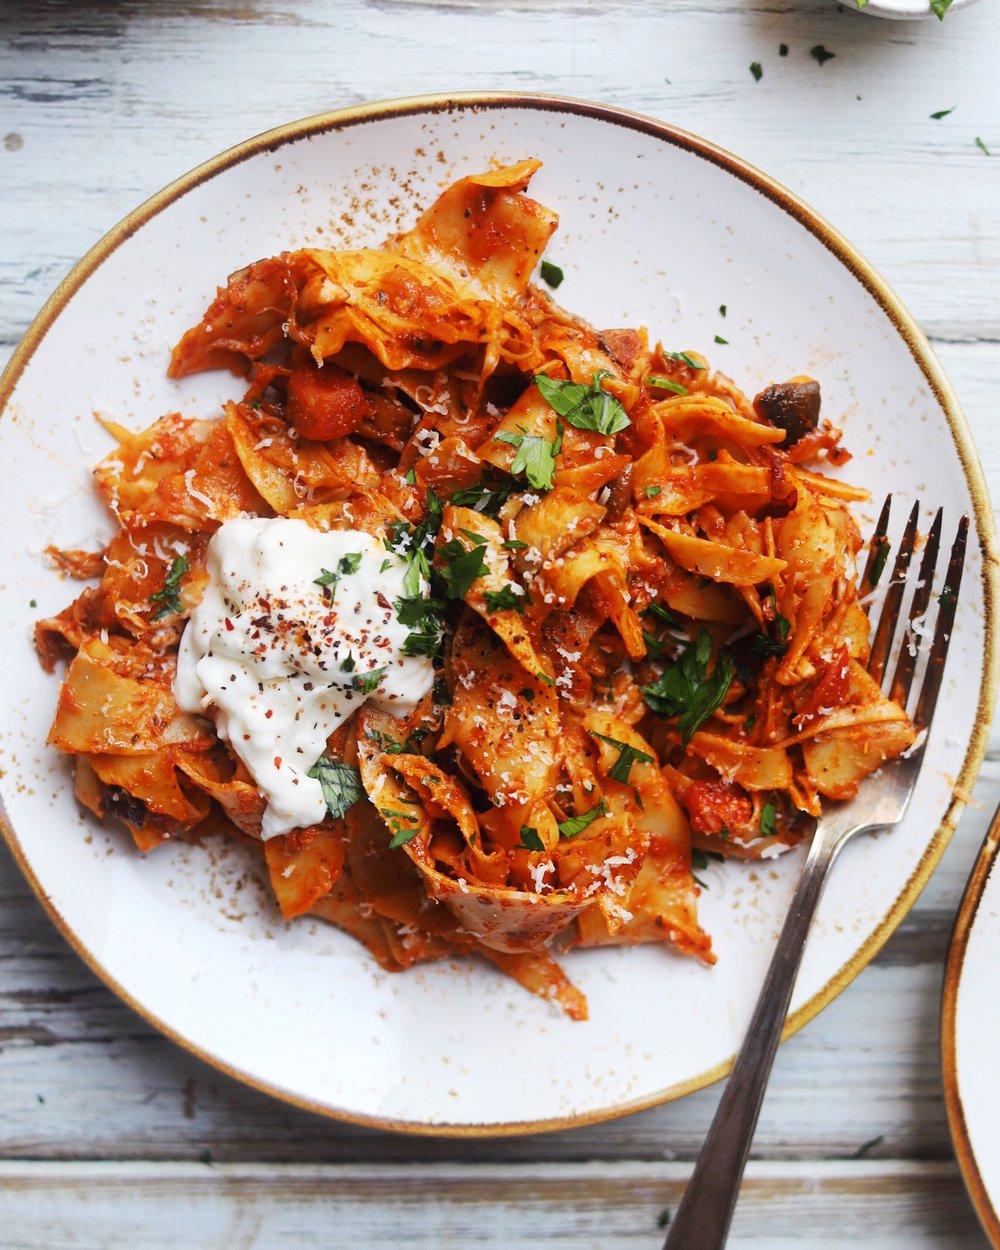 Shredded Mushroom Ragu Pasta